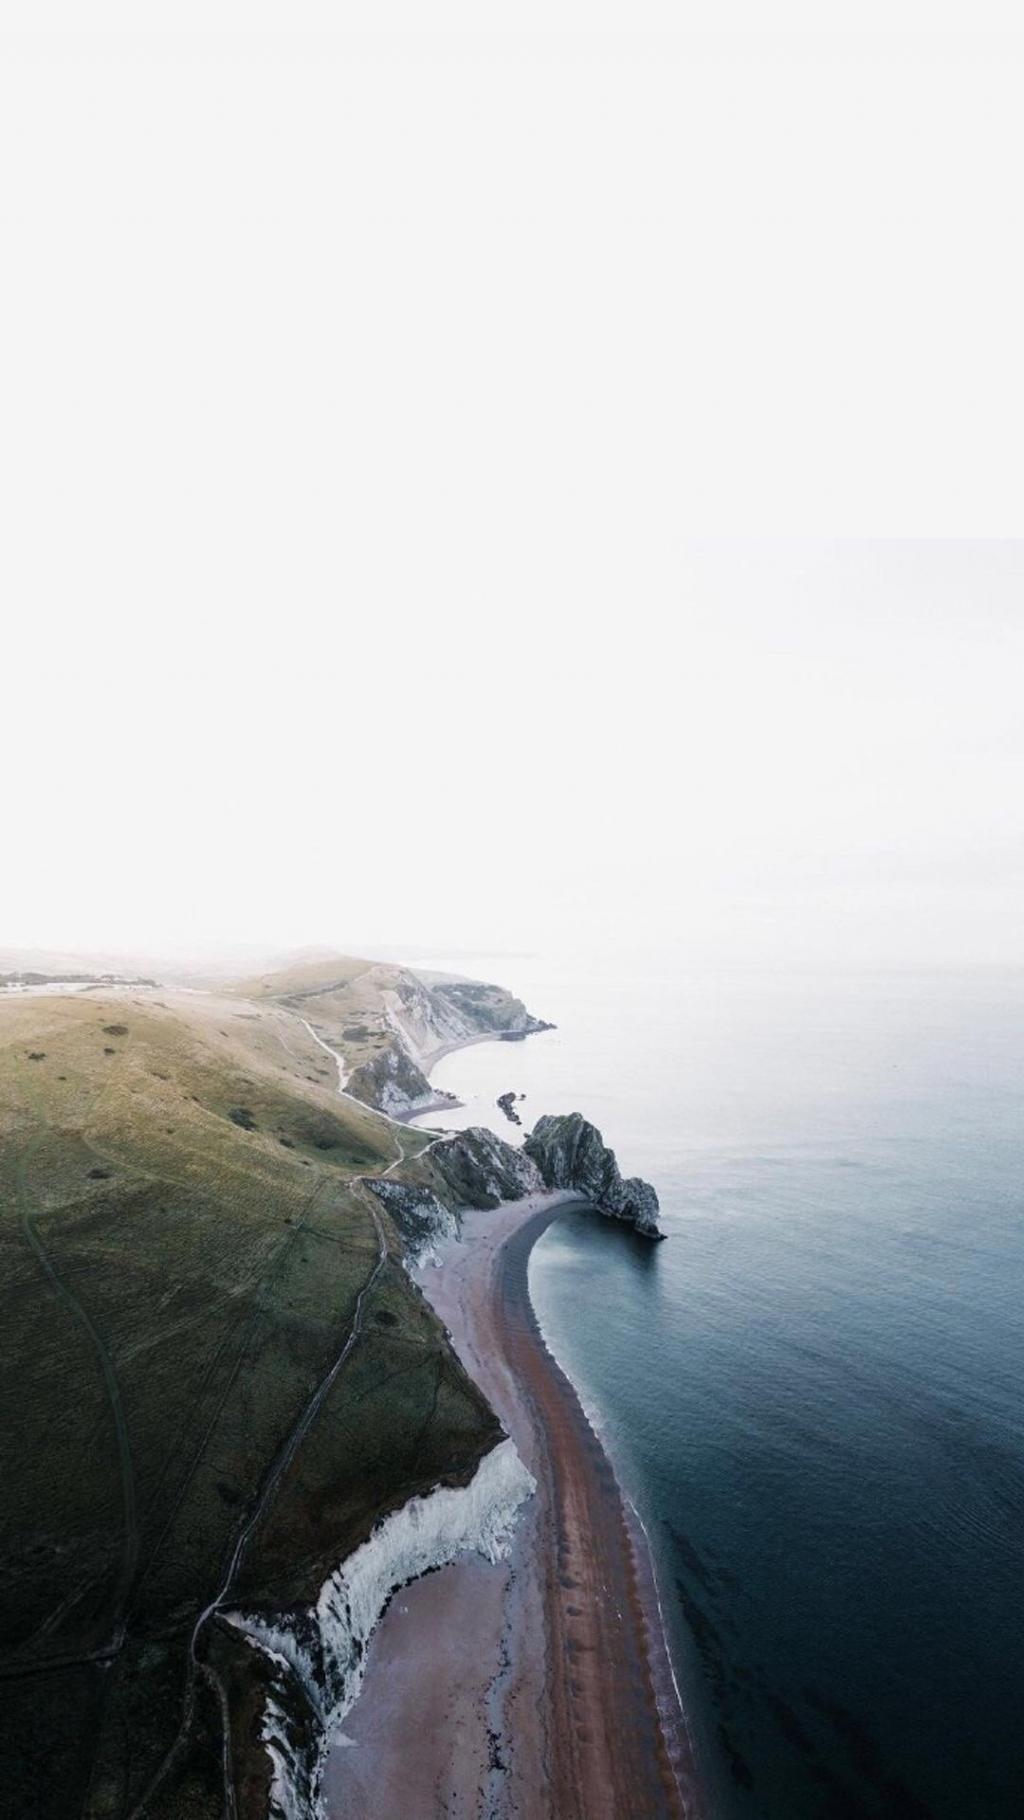 英吉利海峡多佛白崖风光